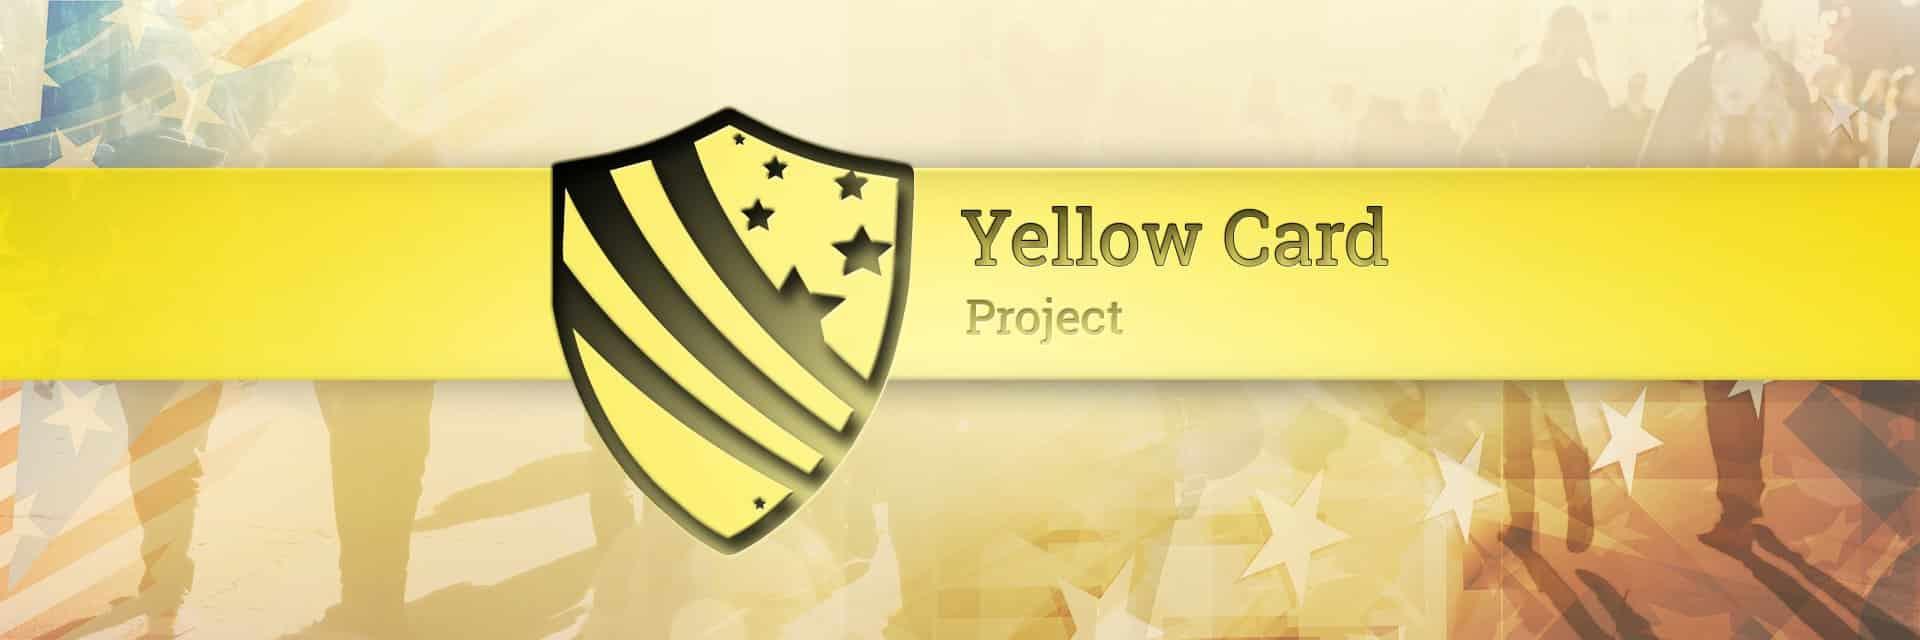 Yellow Card Initiative-2